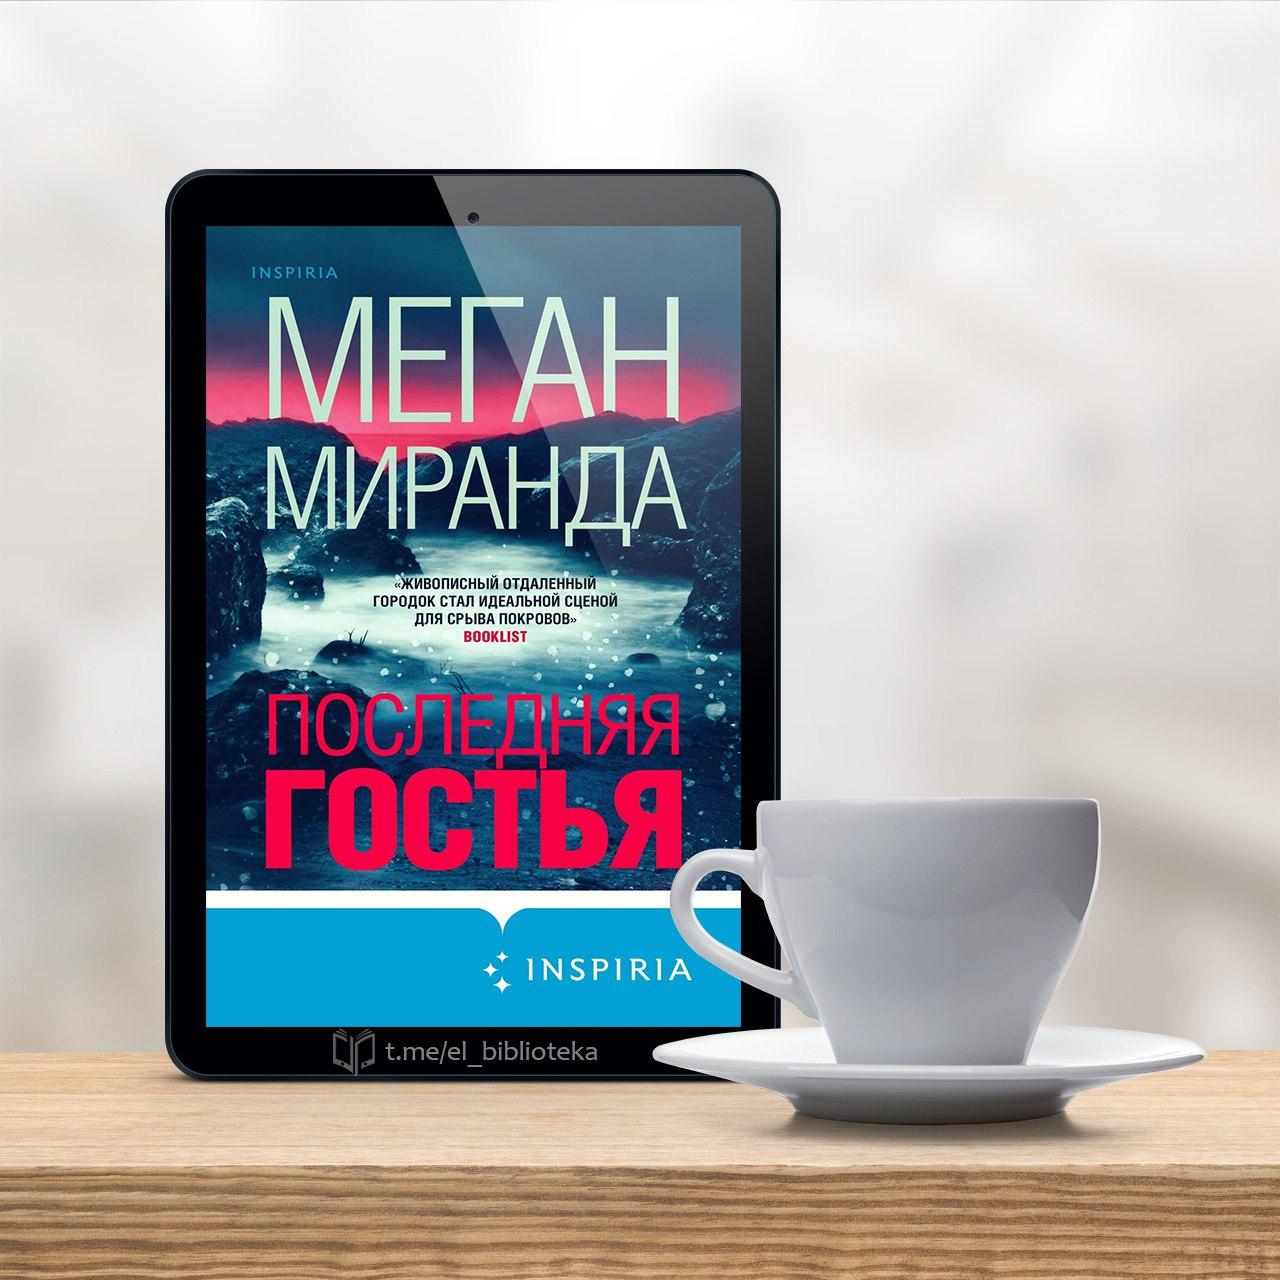  Последняя гостья  Автор:  Миранда_Меган  Год издания: 2021  Серия «Tok.